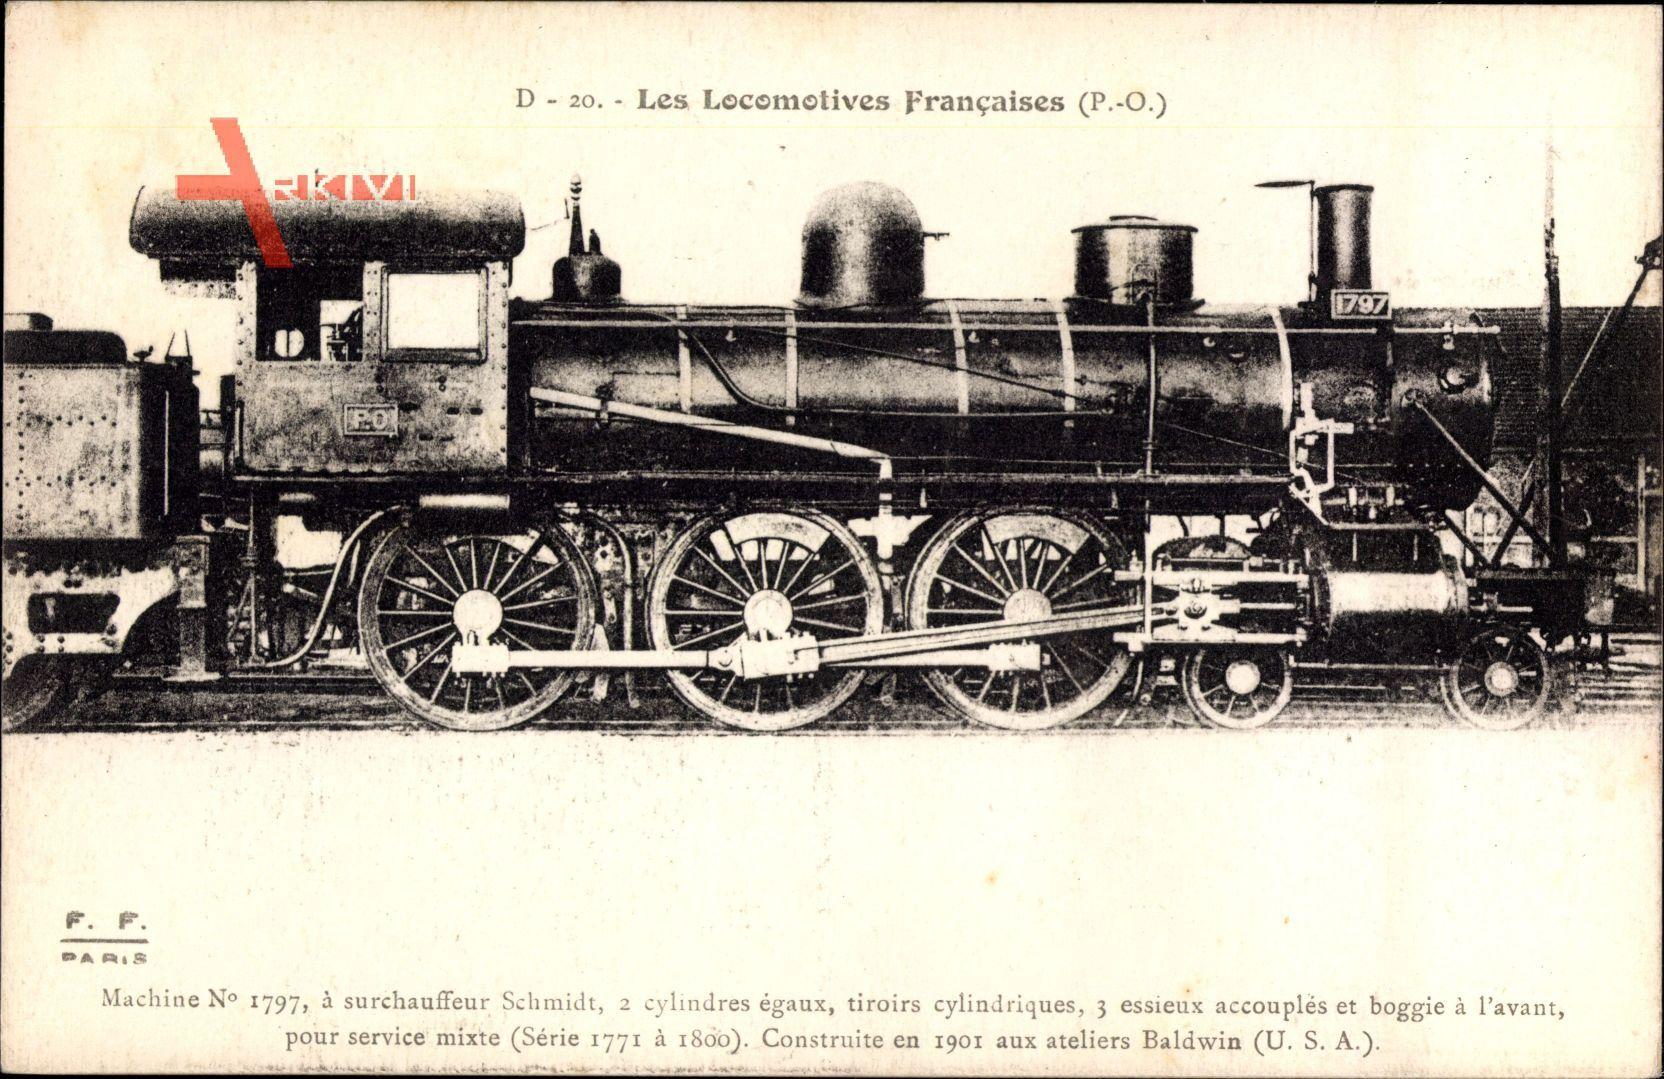 Französische Eisenbahn, Chemin de fer, Locomotive, PO, Machine No 1797